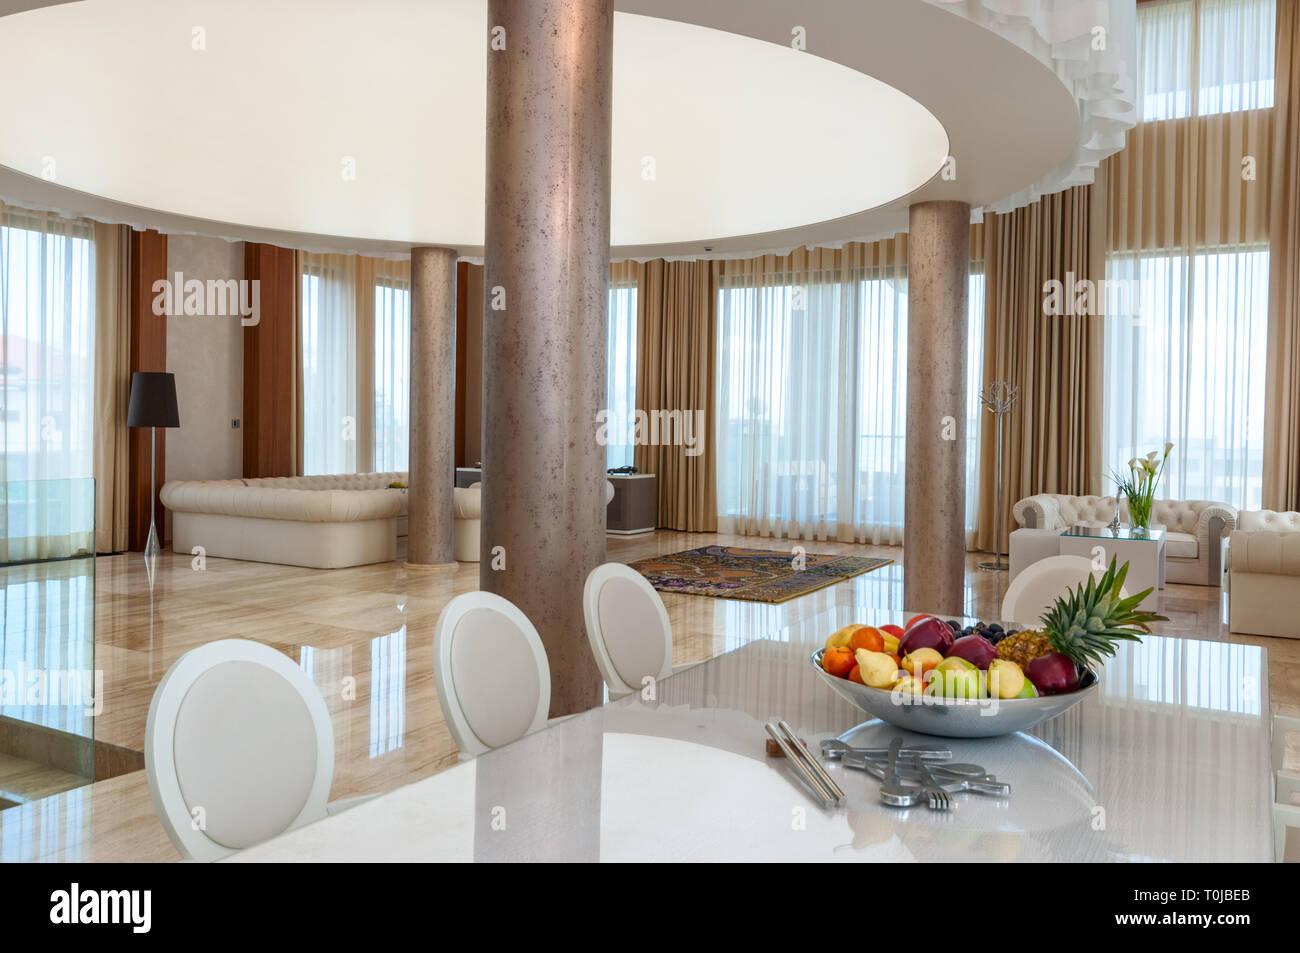 Interni moderni e contemporanei in marmo di lusso di un grande e spazioso soggiorno Foto Stock